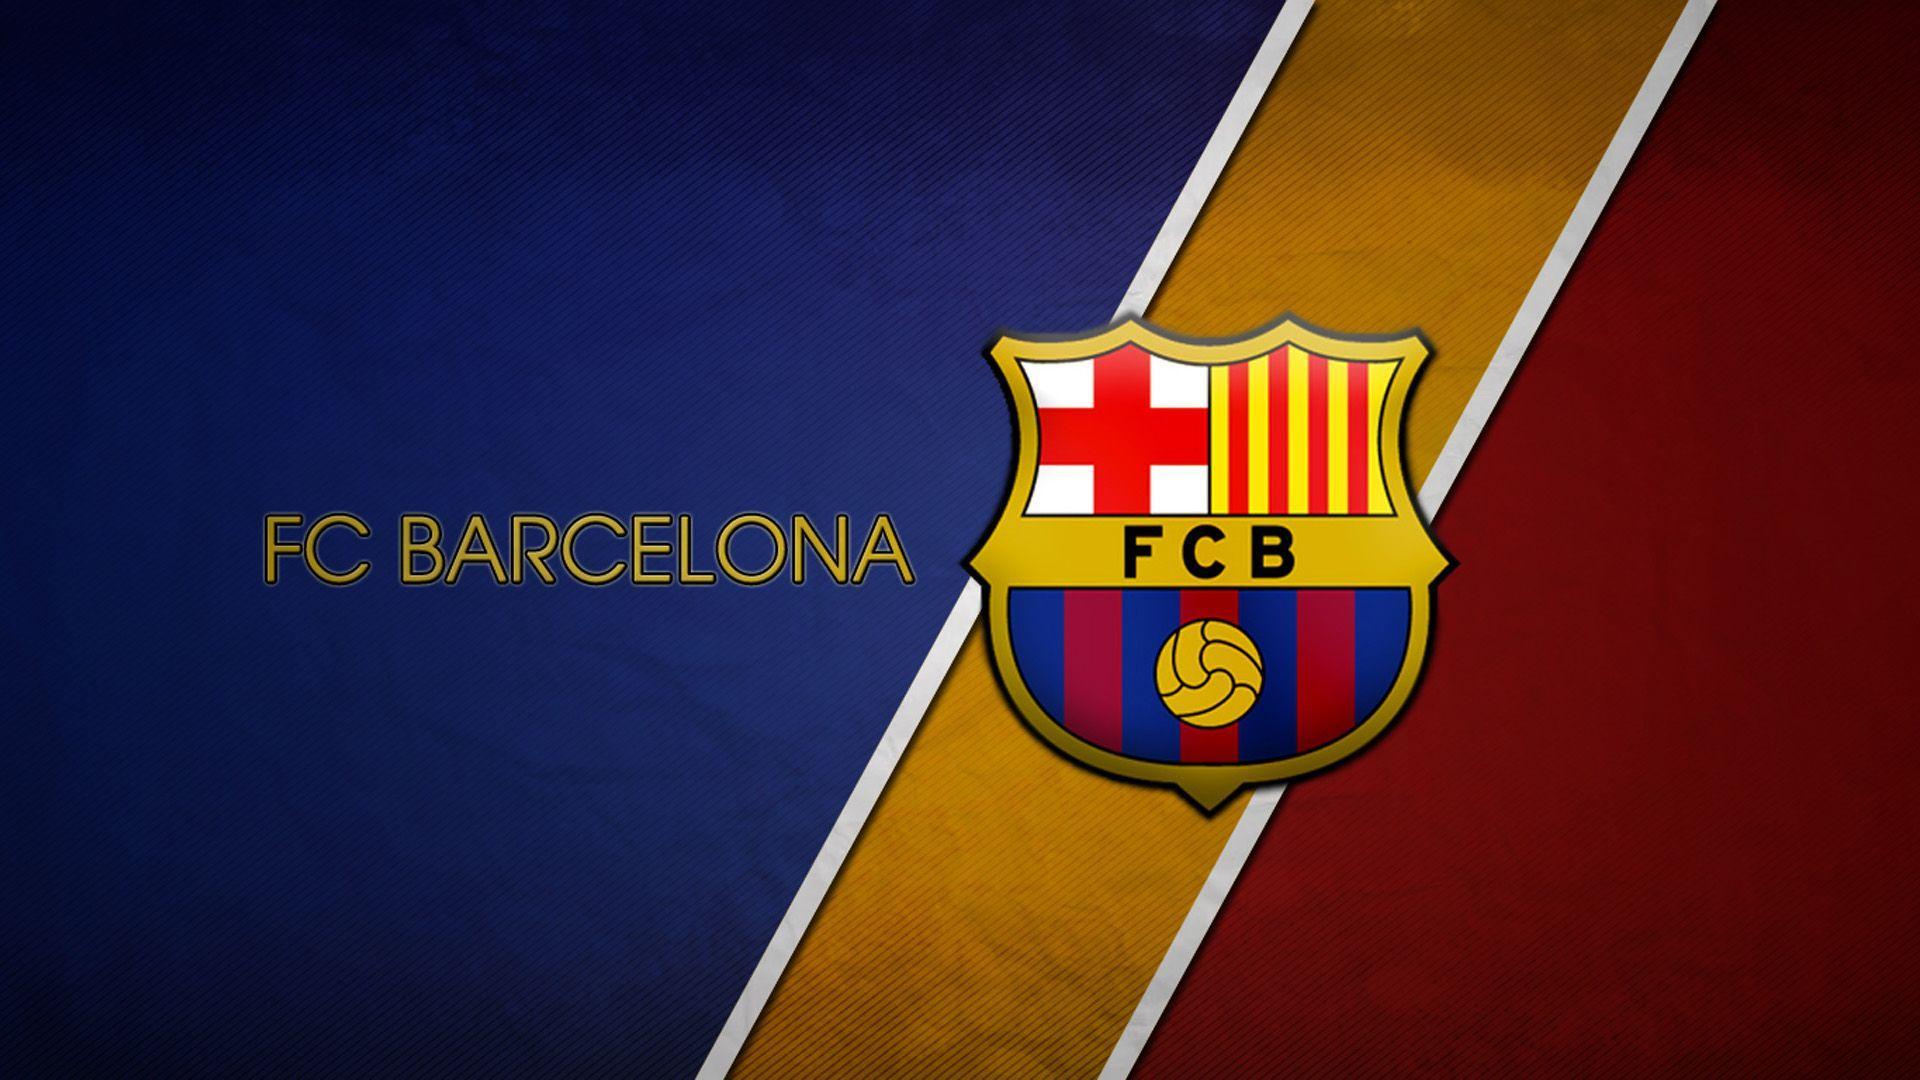 FC Barcelona Wallpapers - Wallpaper Cave 938d8e45c6b